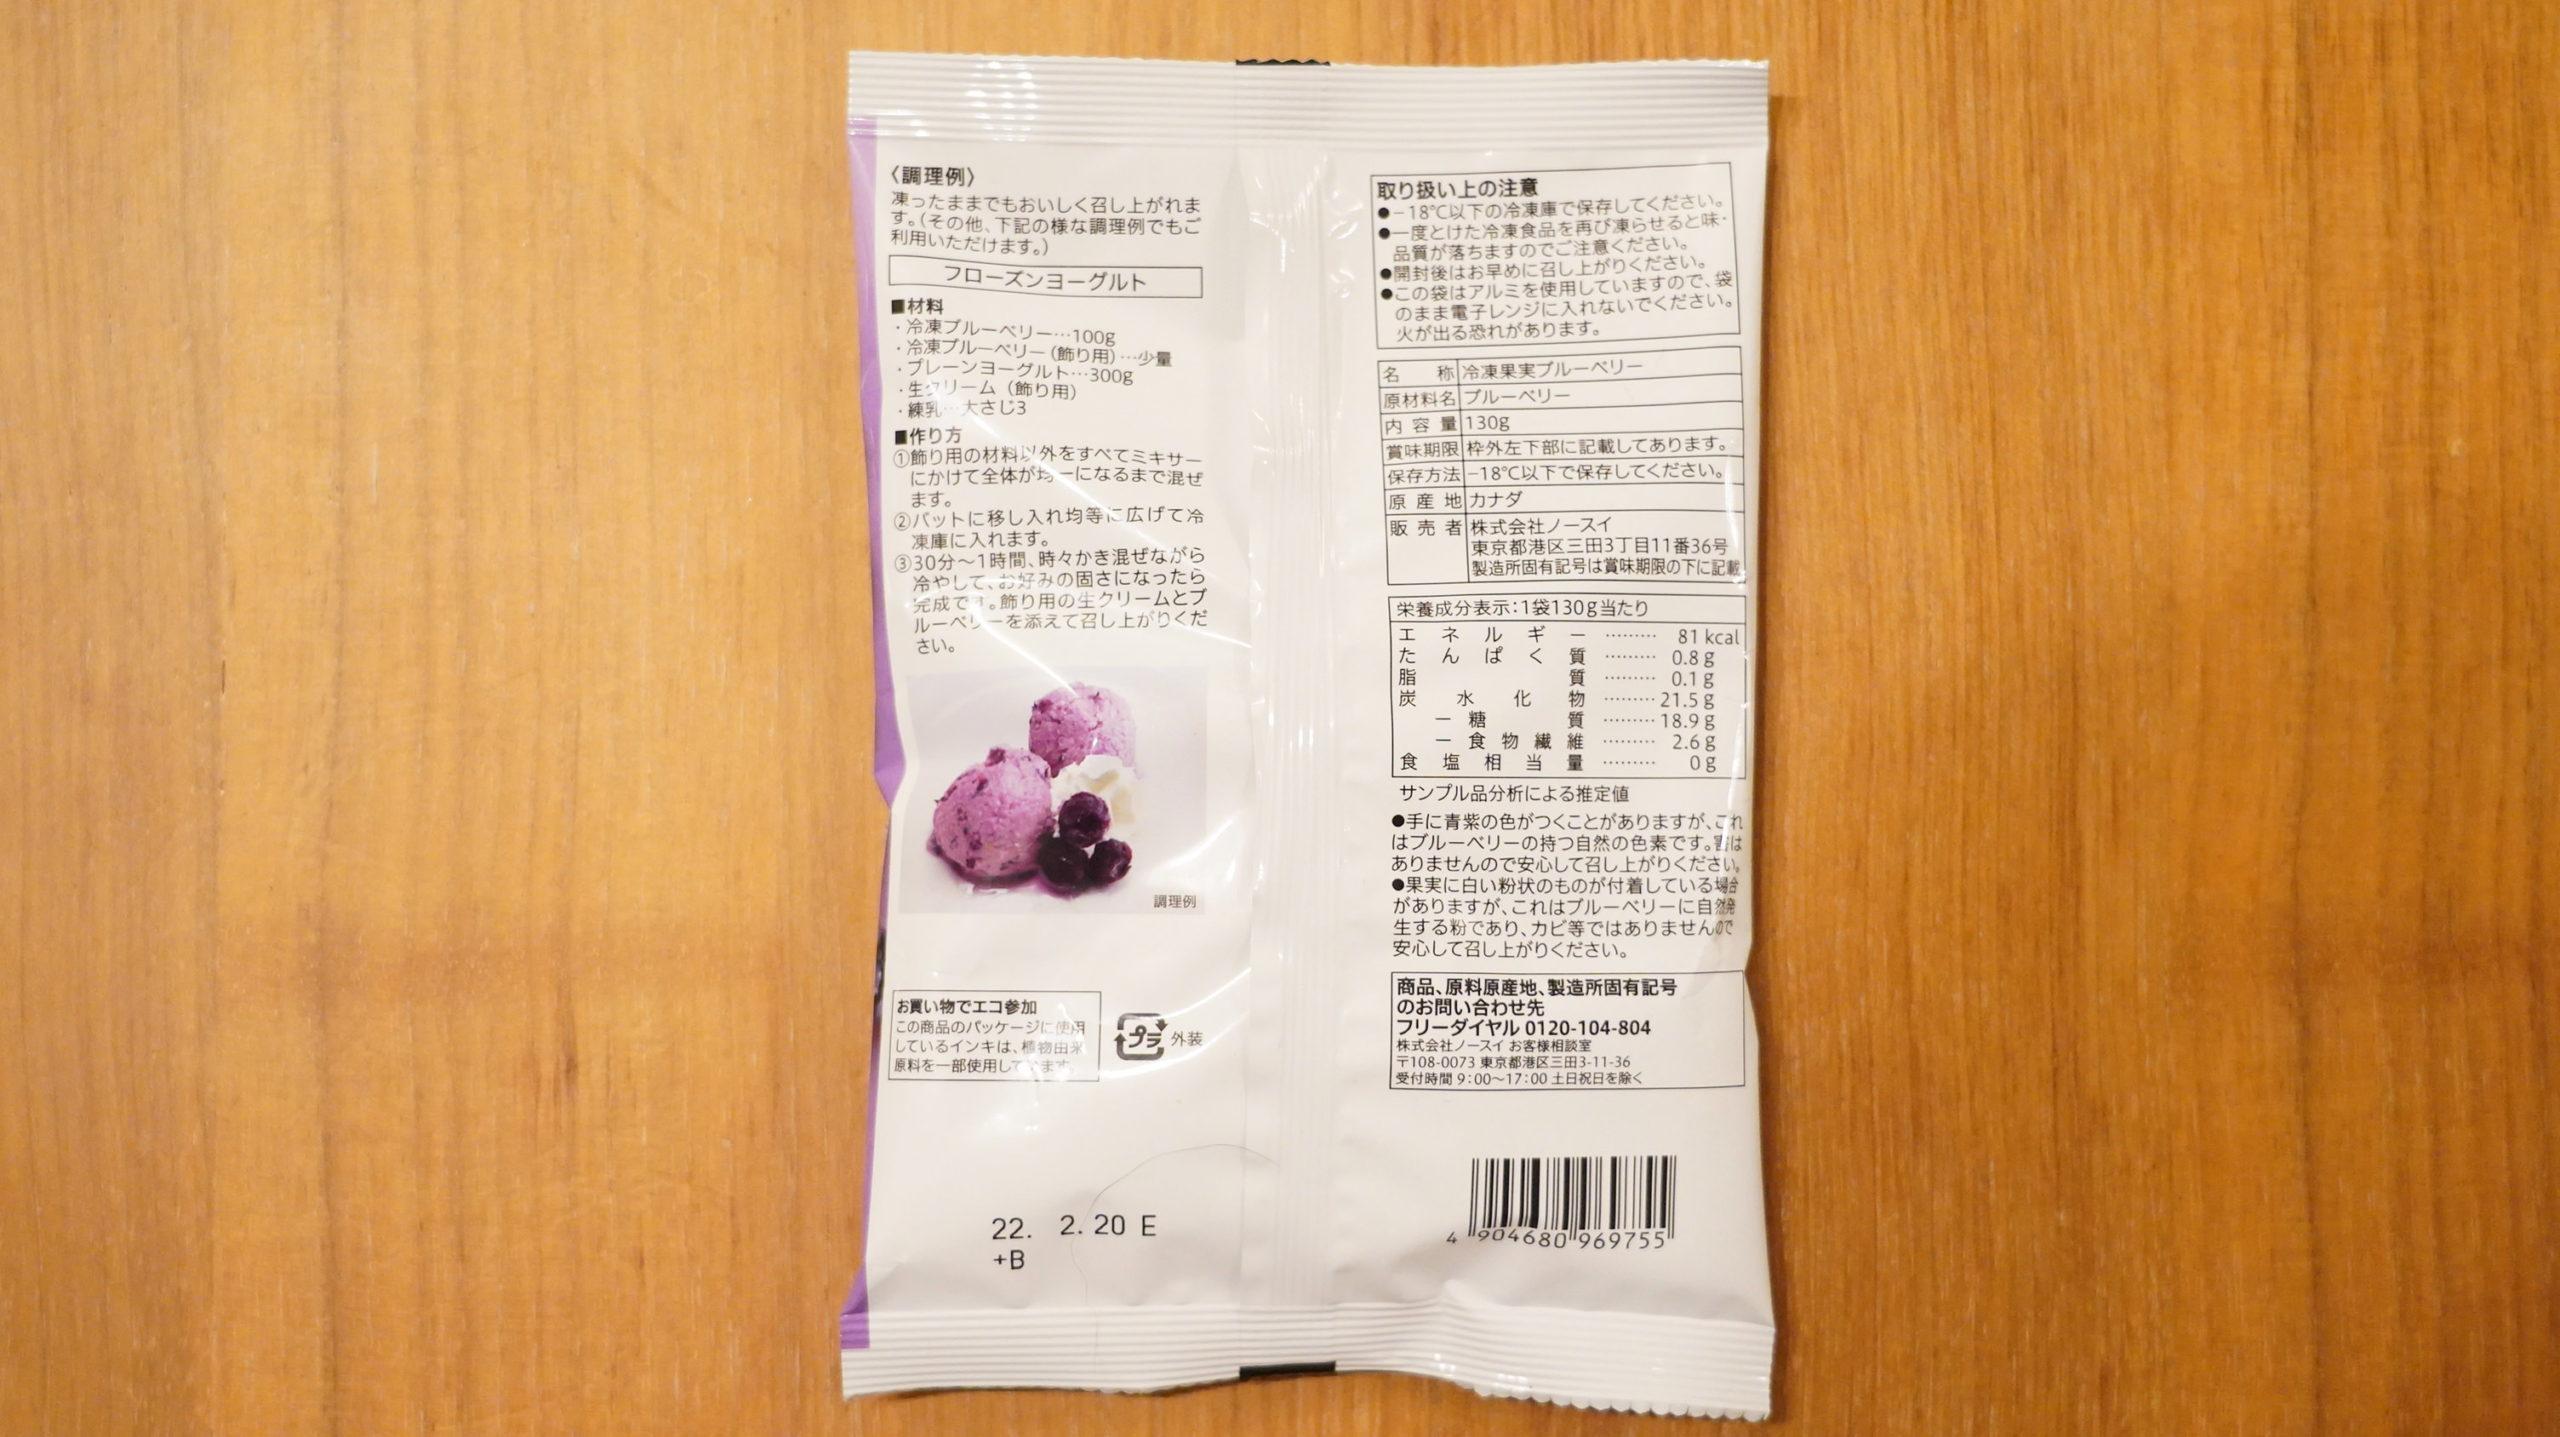 セブンイレブンの冷凍食品「ほどよい香りと酸味・ブルーベリー」のパッケージの裏面の写真